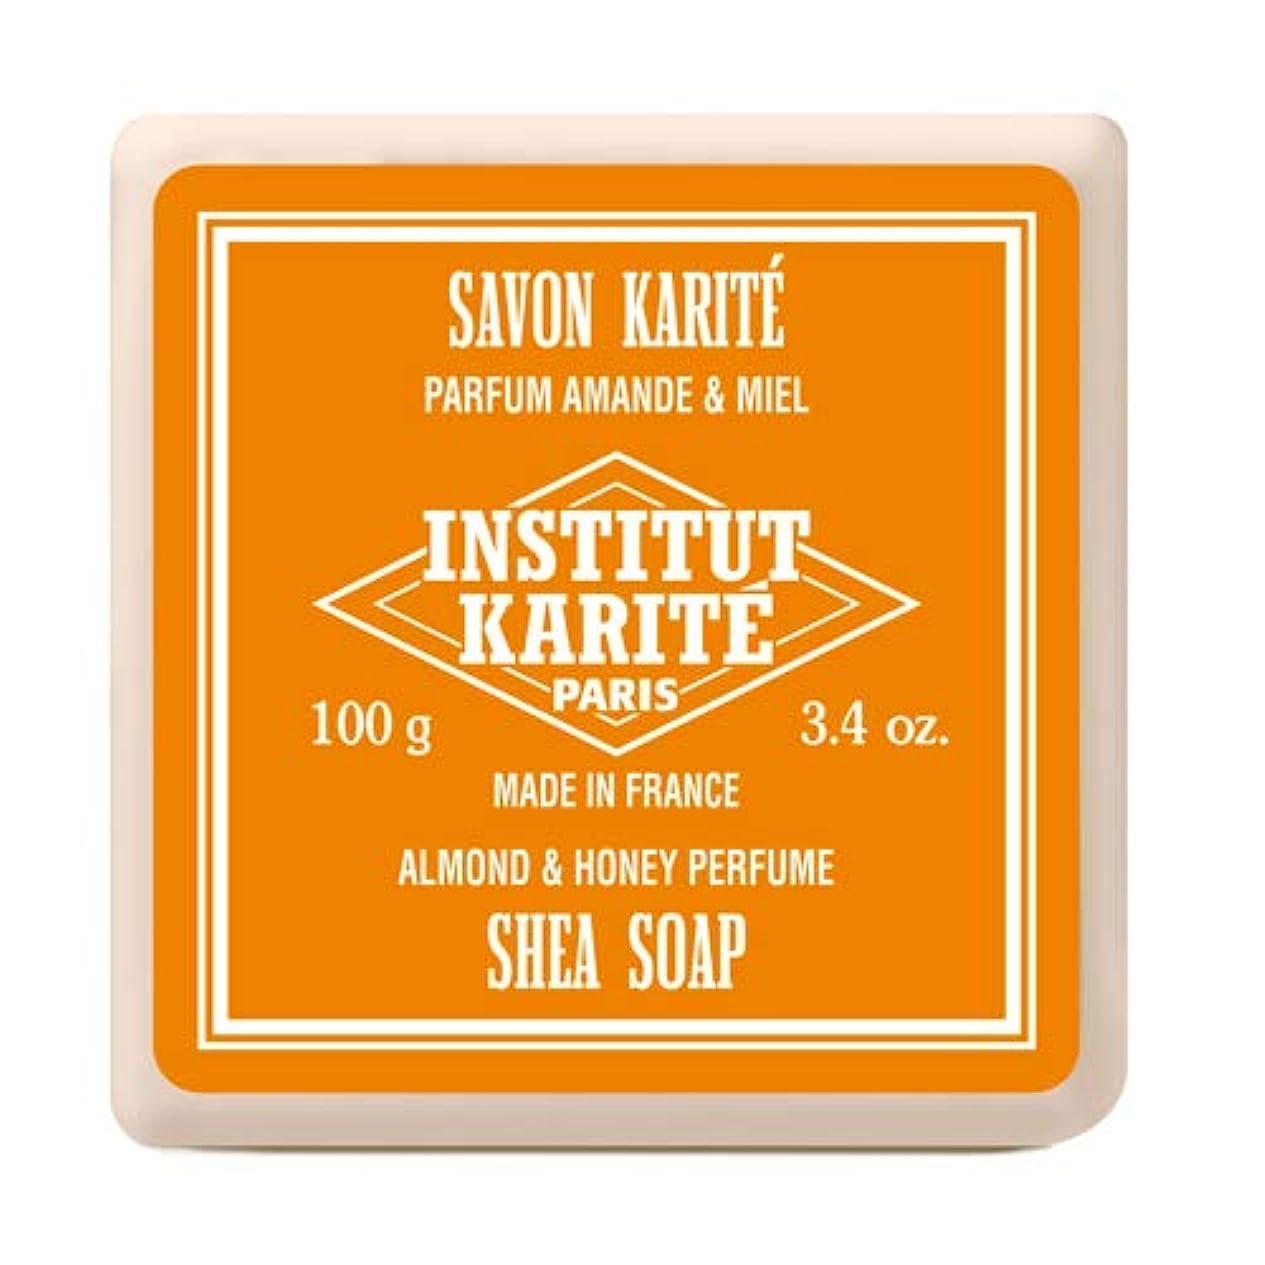 先駆者配送租界INSTITUT KARITE インスティテュート カリテ Shea Wrapped Soap シアソープ 100g Almond & Honey アーモンド&ハニー